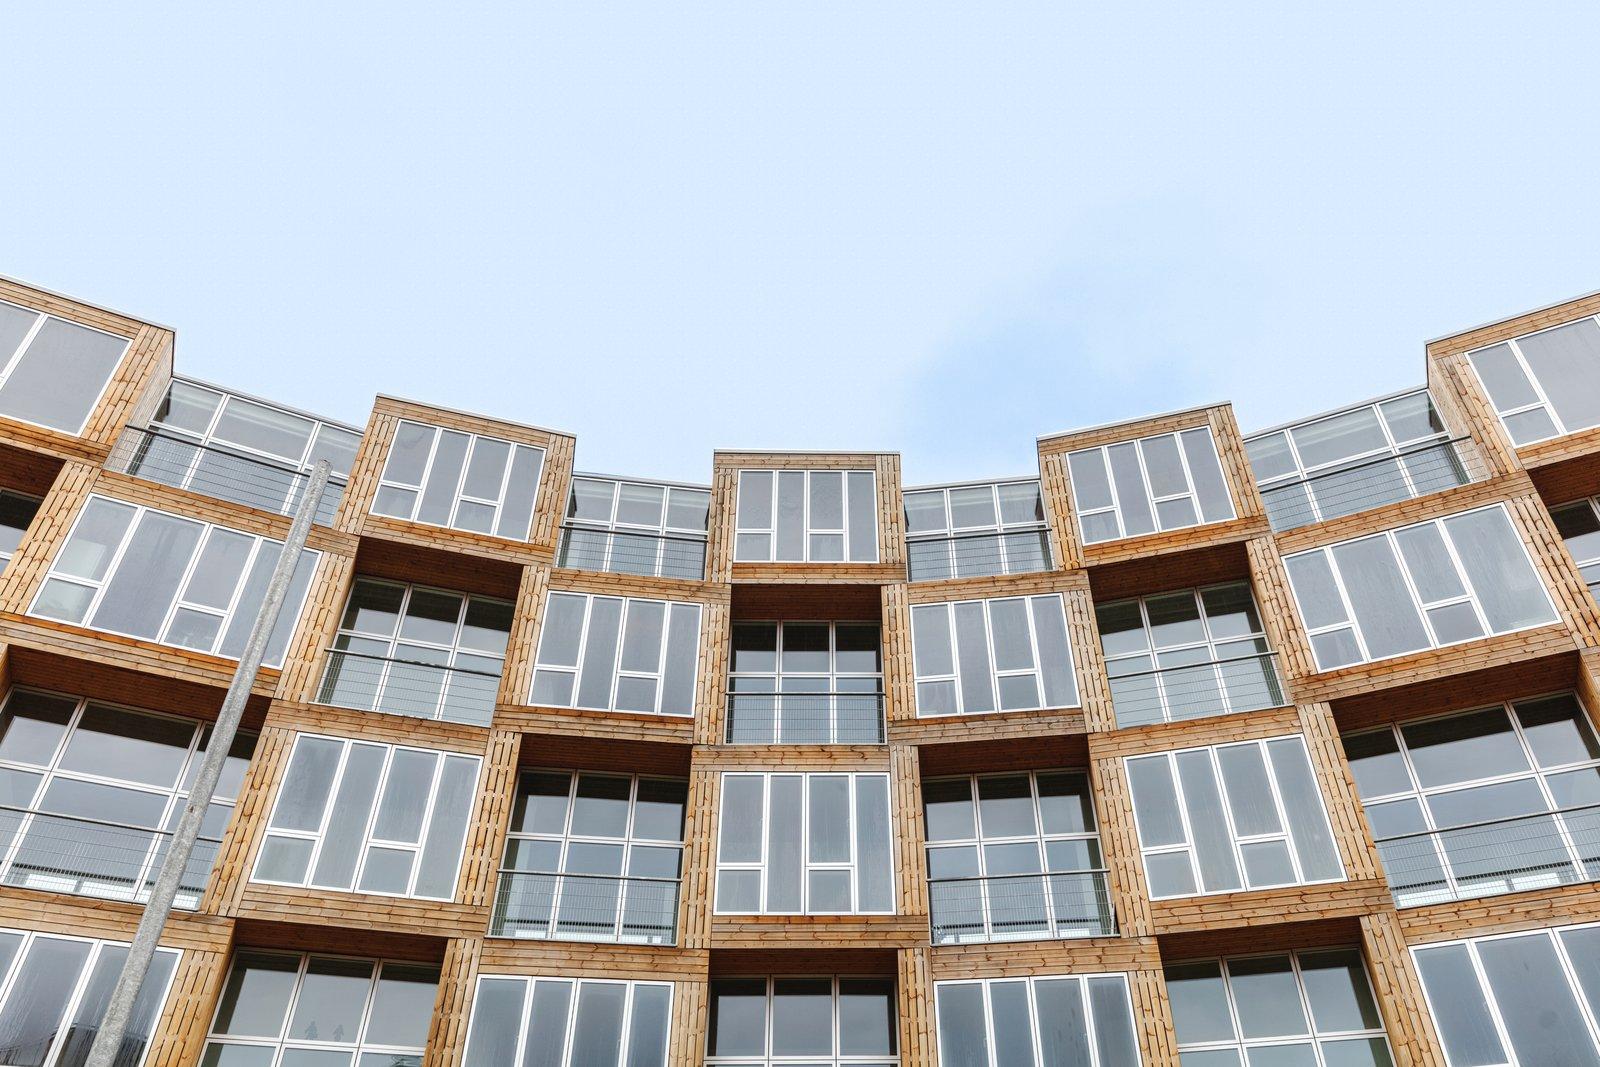 Dortheavej Residence by Bjarke Ingels Group - Dwell